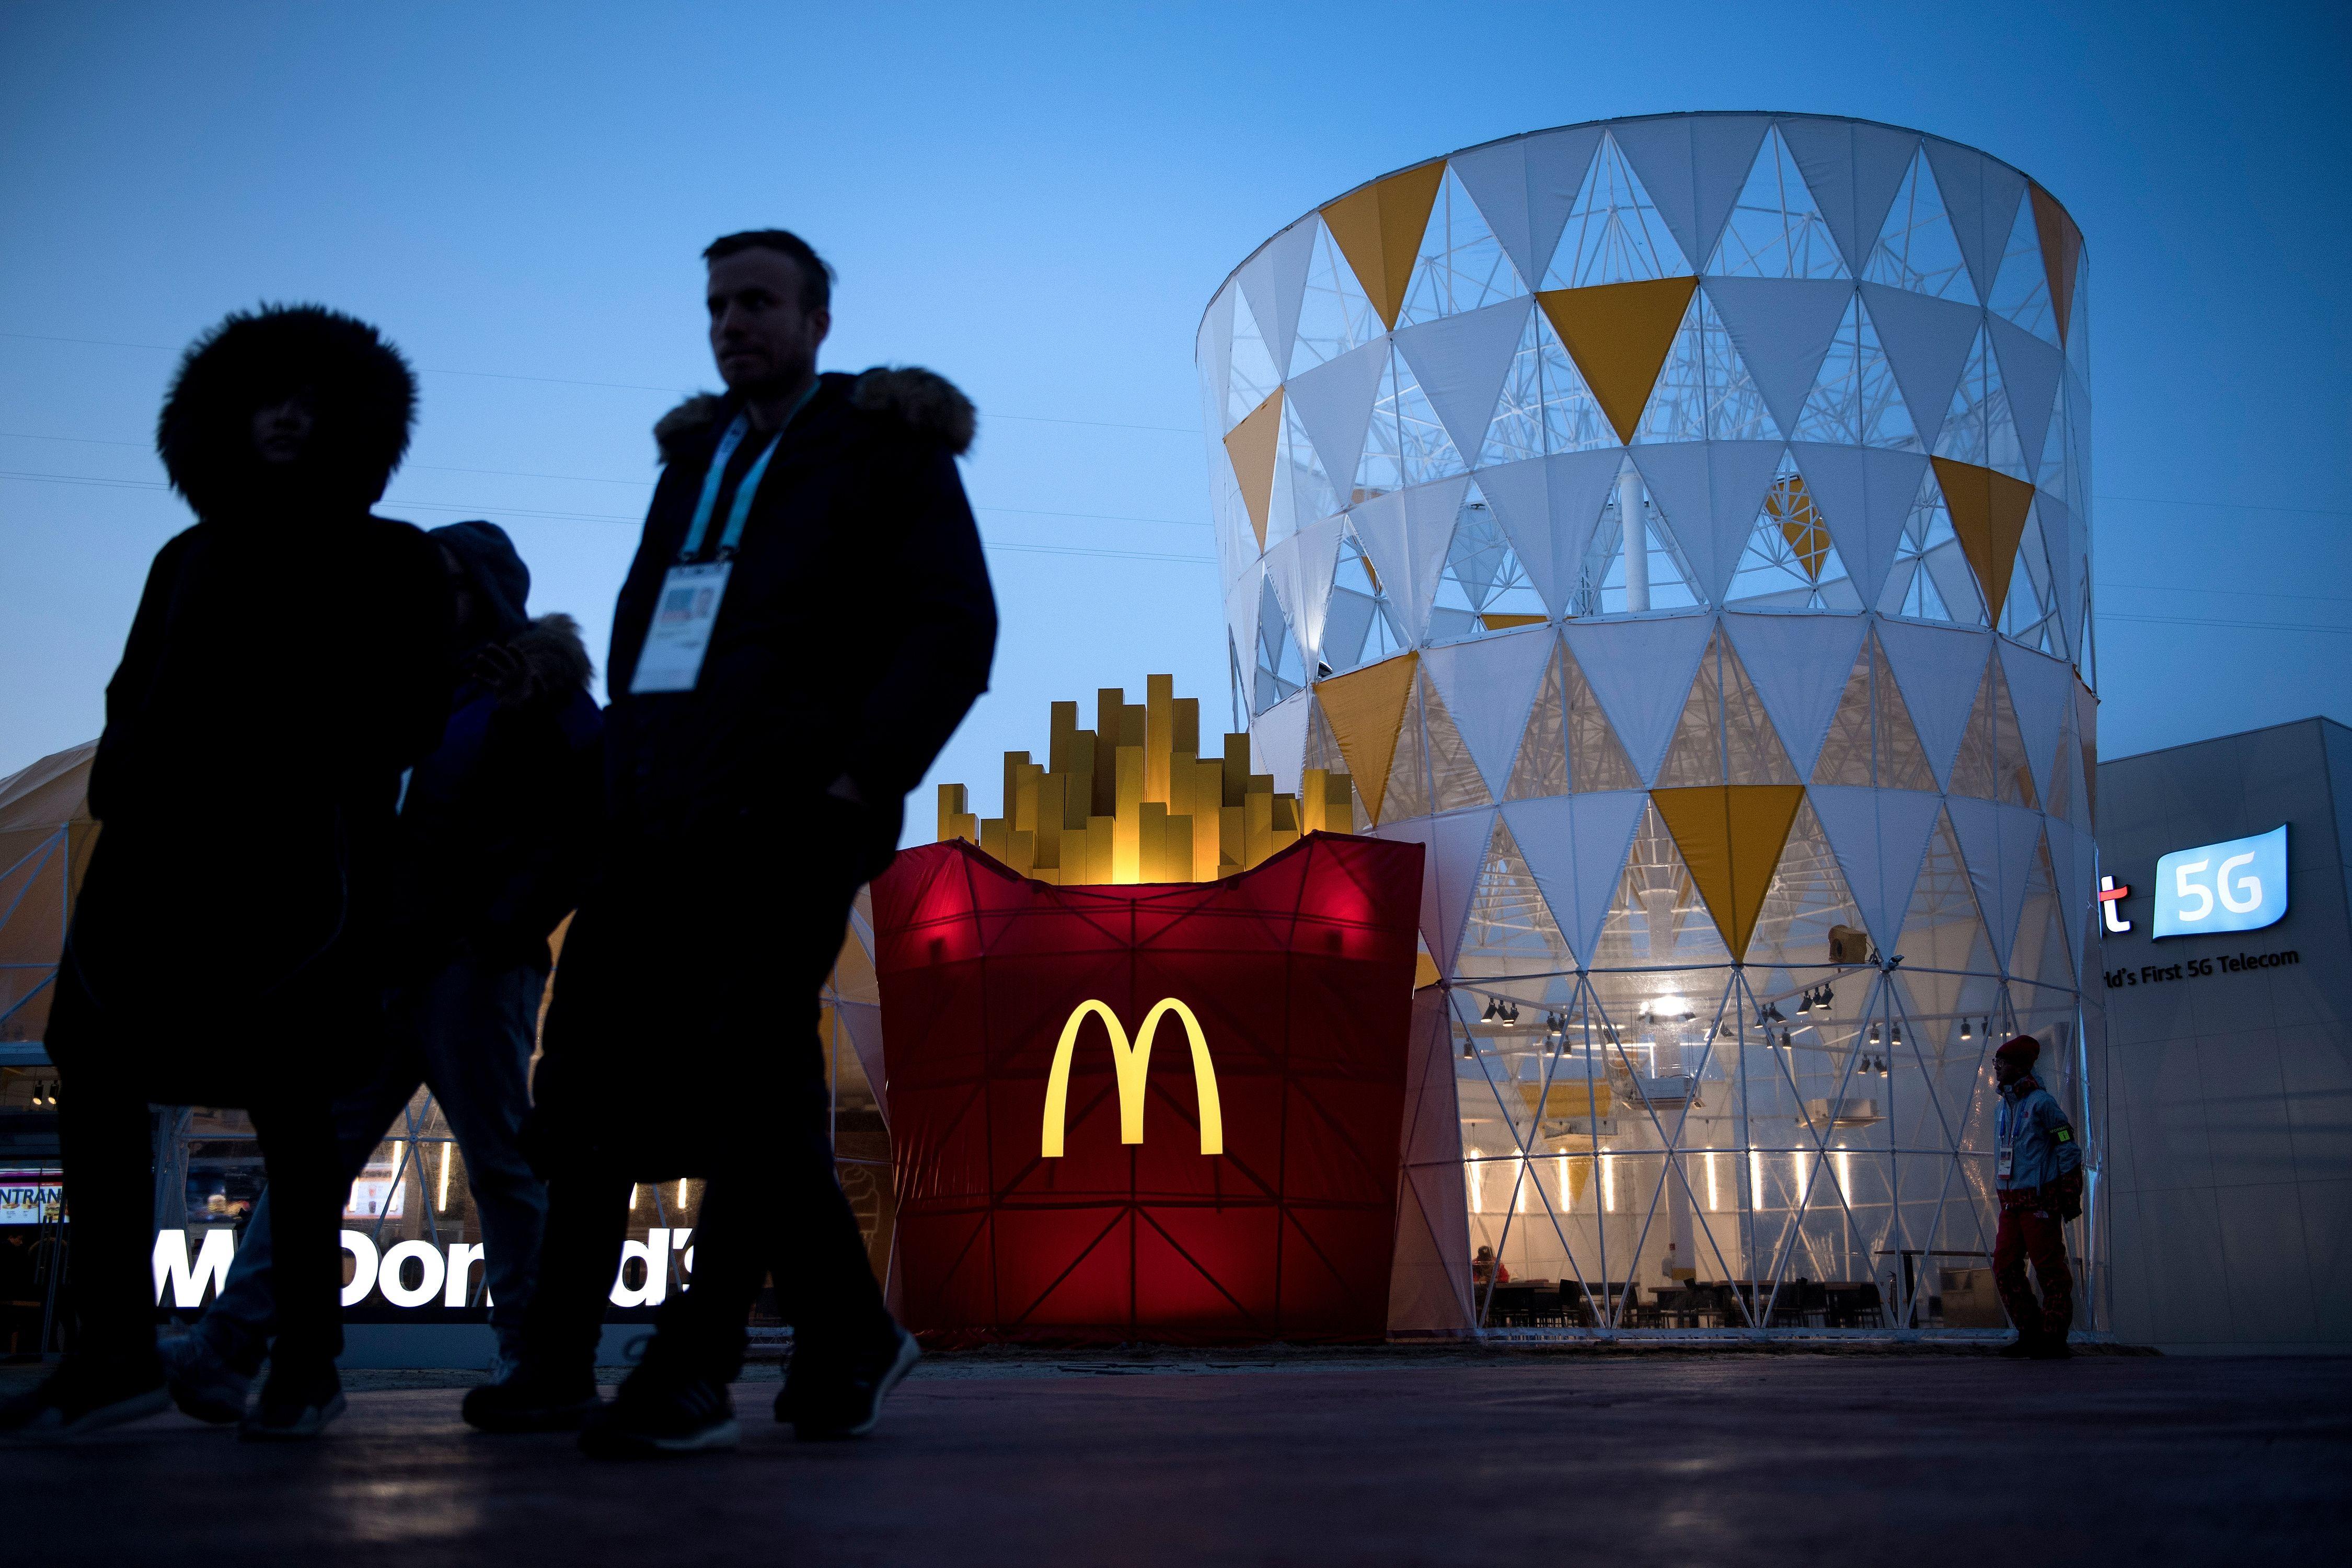 McDonald's at the Pyeongchang Olympic village